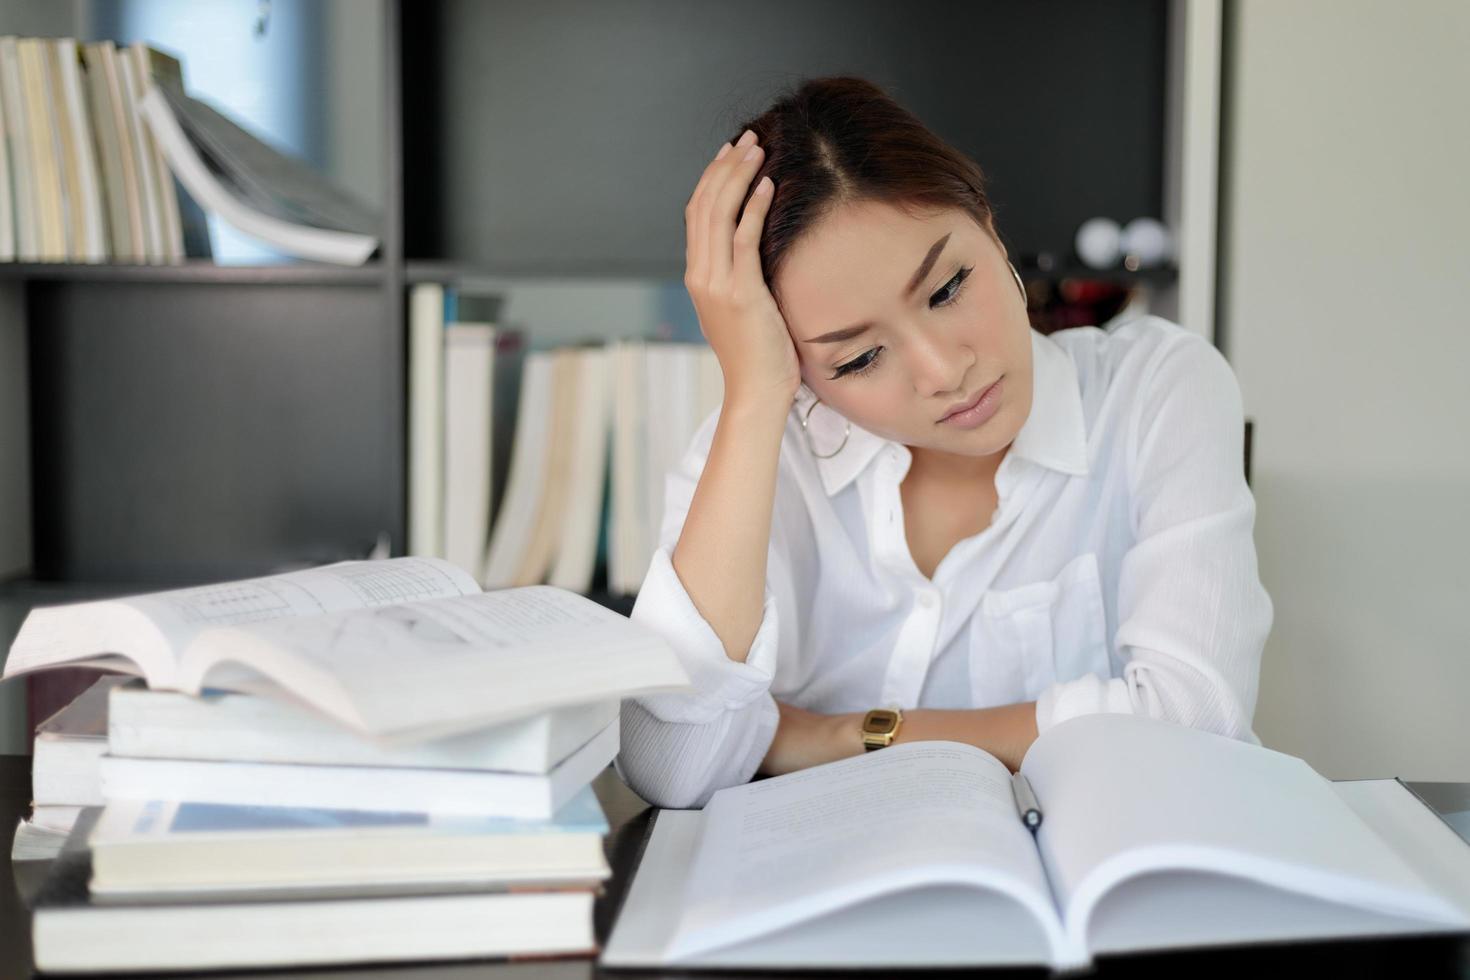 asiatische Geschäftsfrau, die Buch mit Hand auf Kopf liest foto